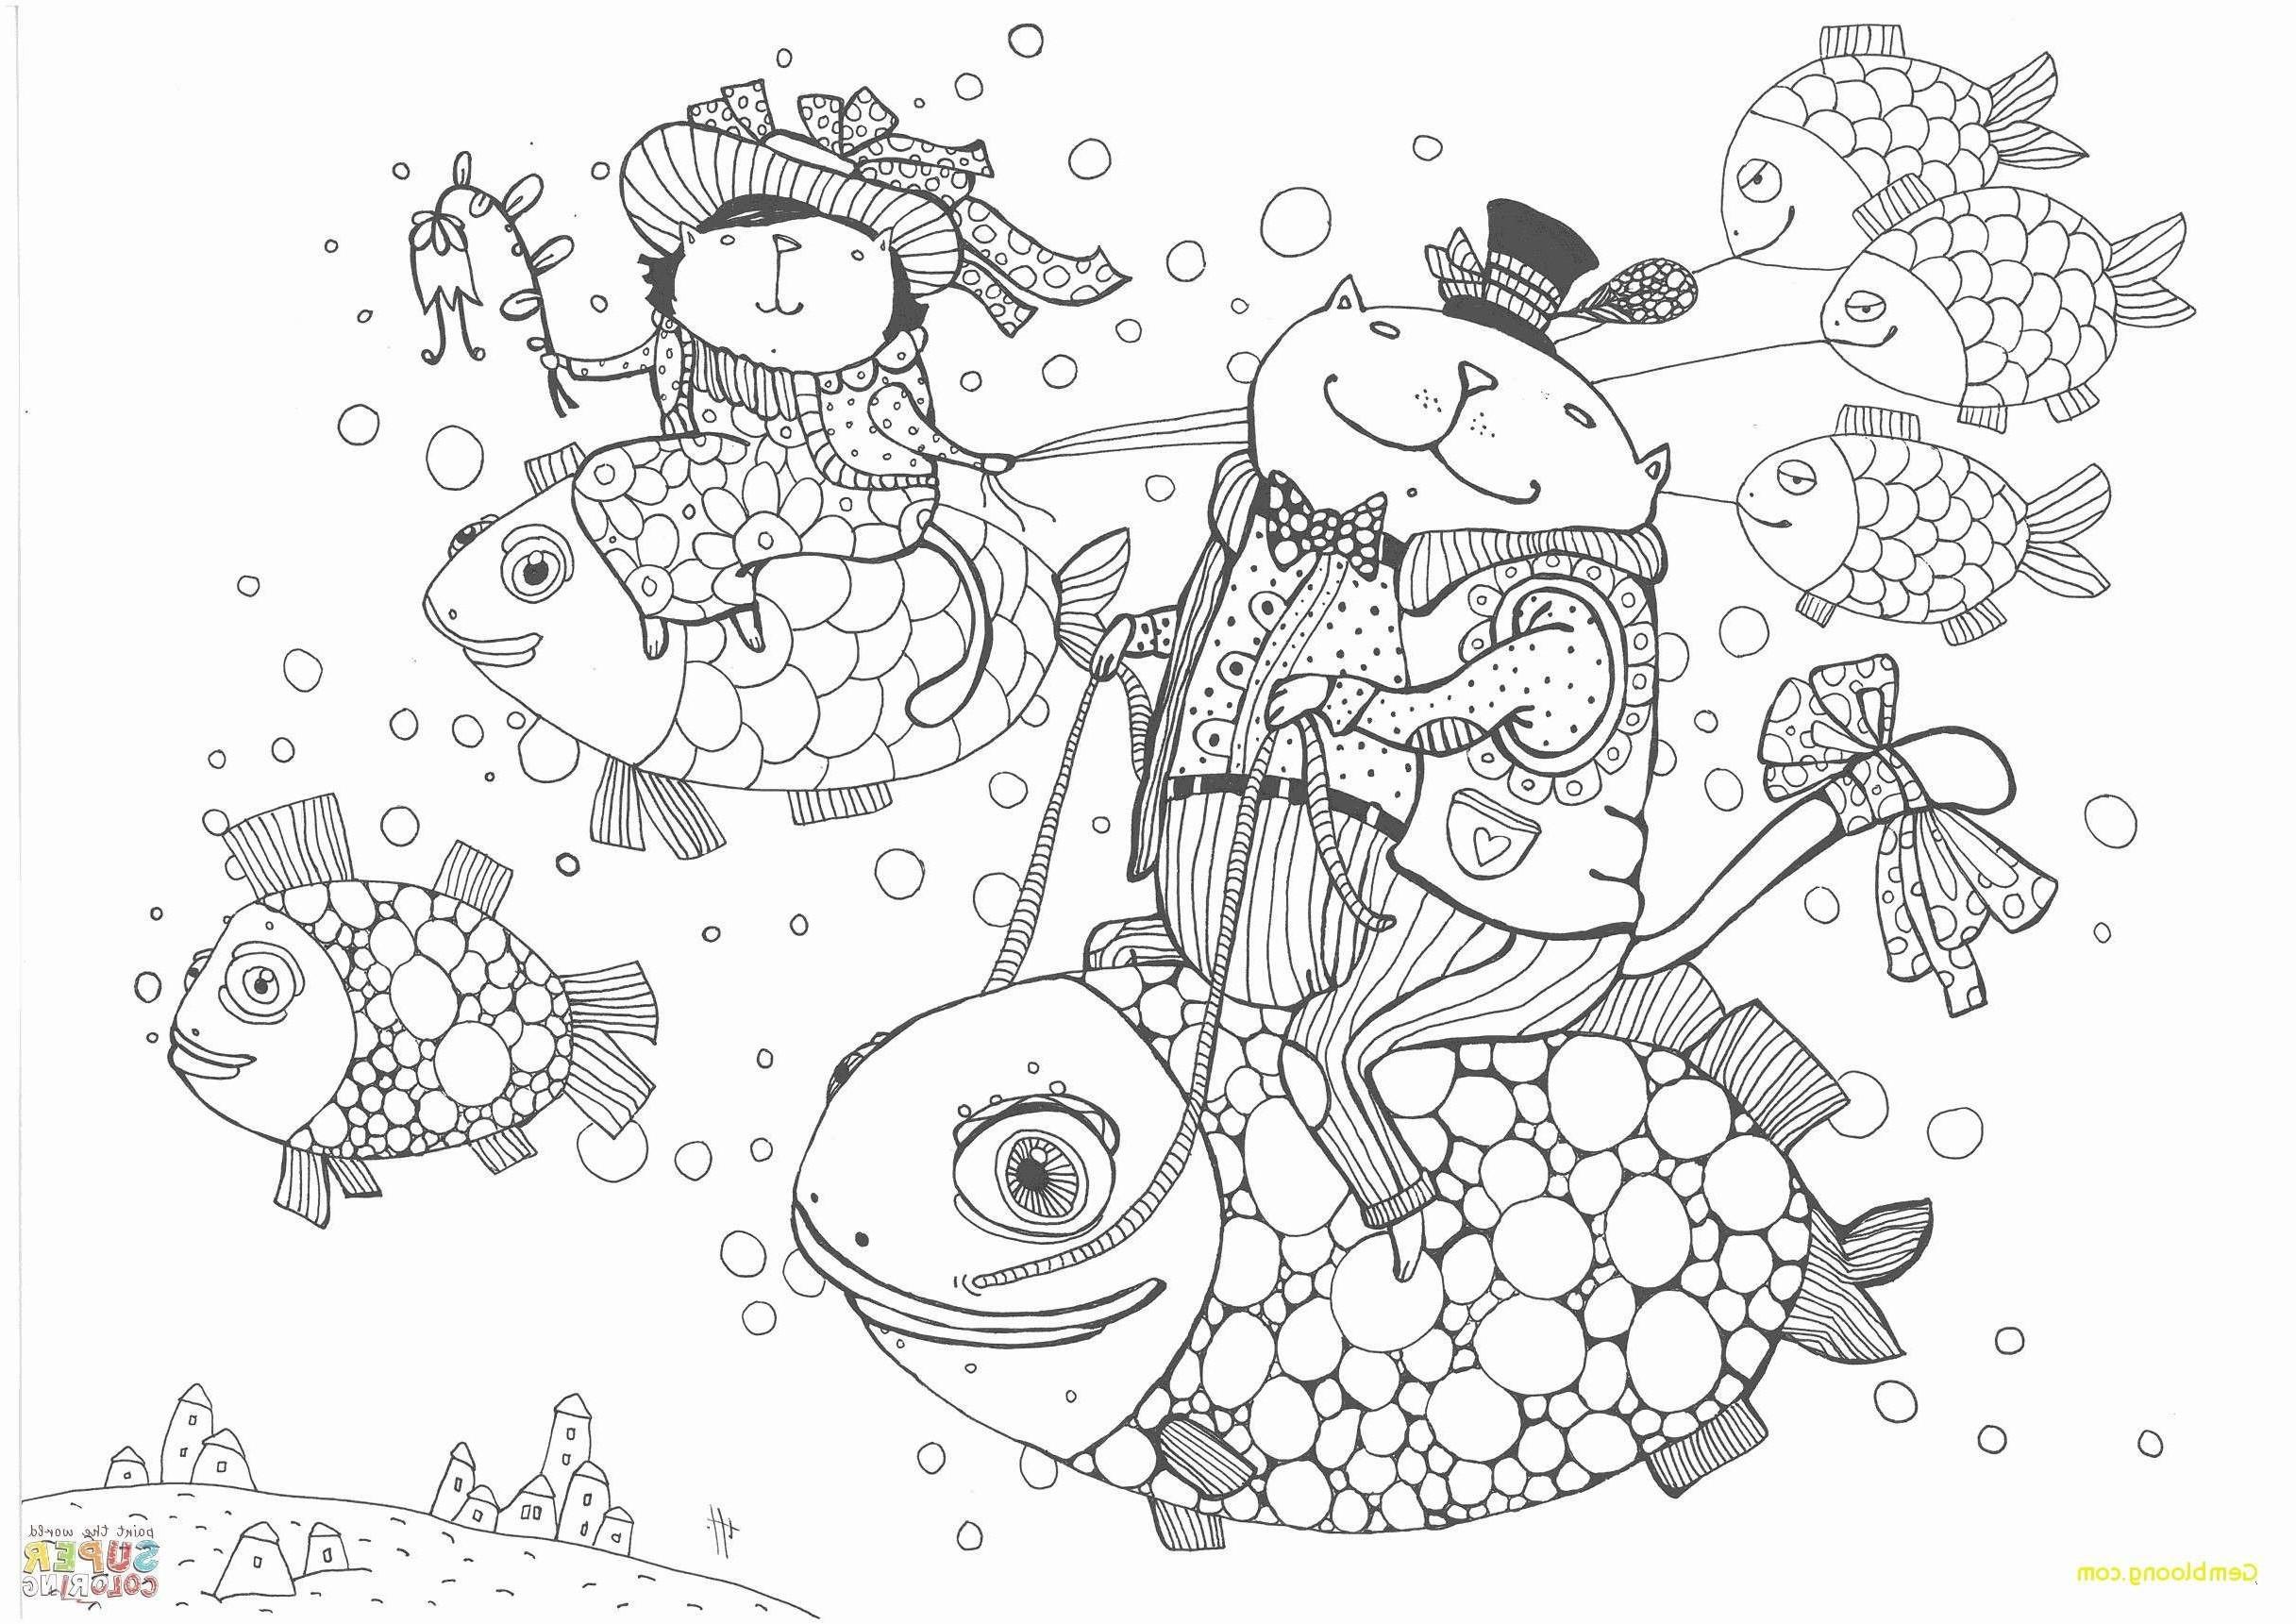 Maus Und Elefant Ausmalbilder Genial Malvorlage Elefant Neu 33 Beste Von Ausmal – Malvorlagen Ideen Bild